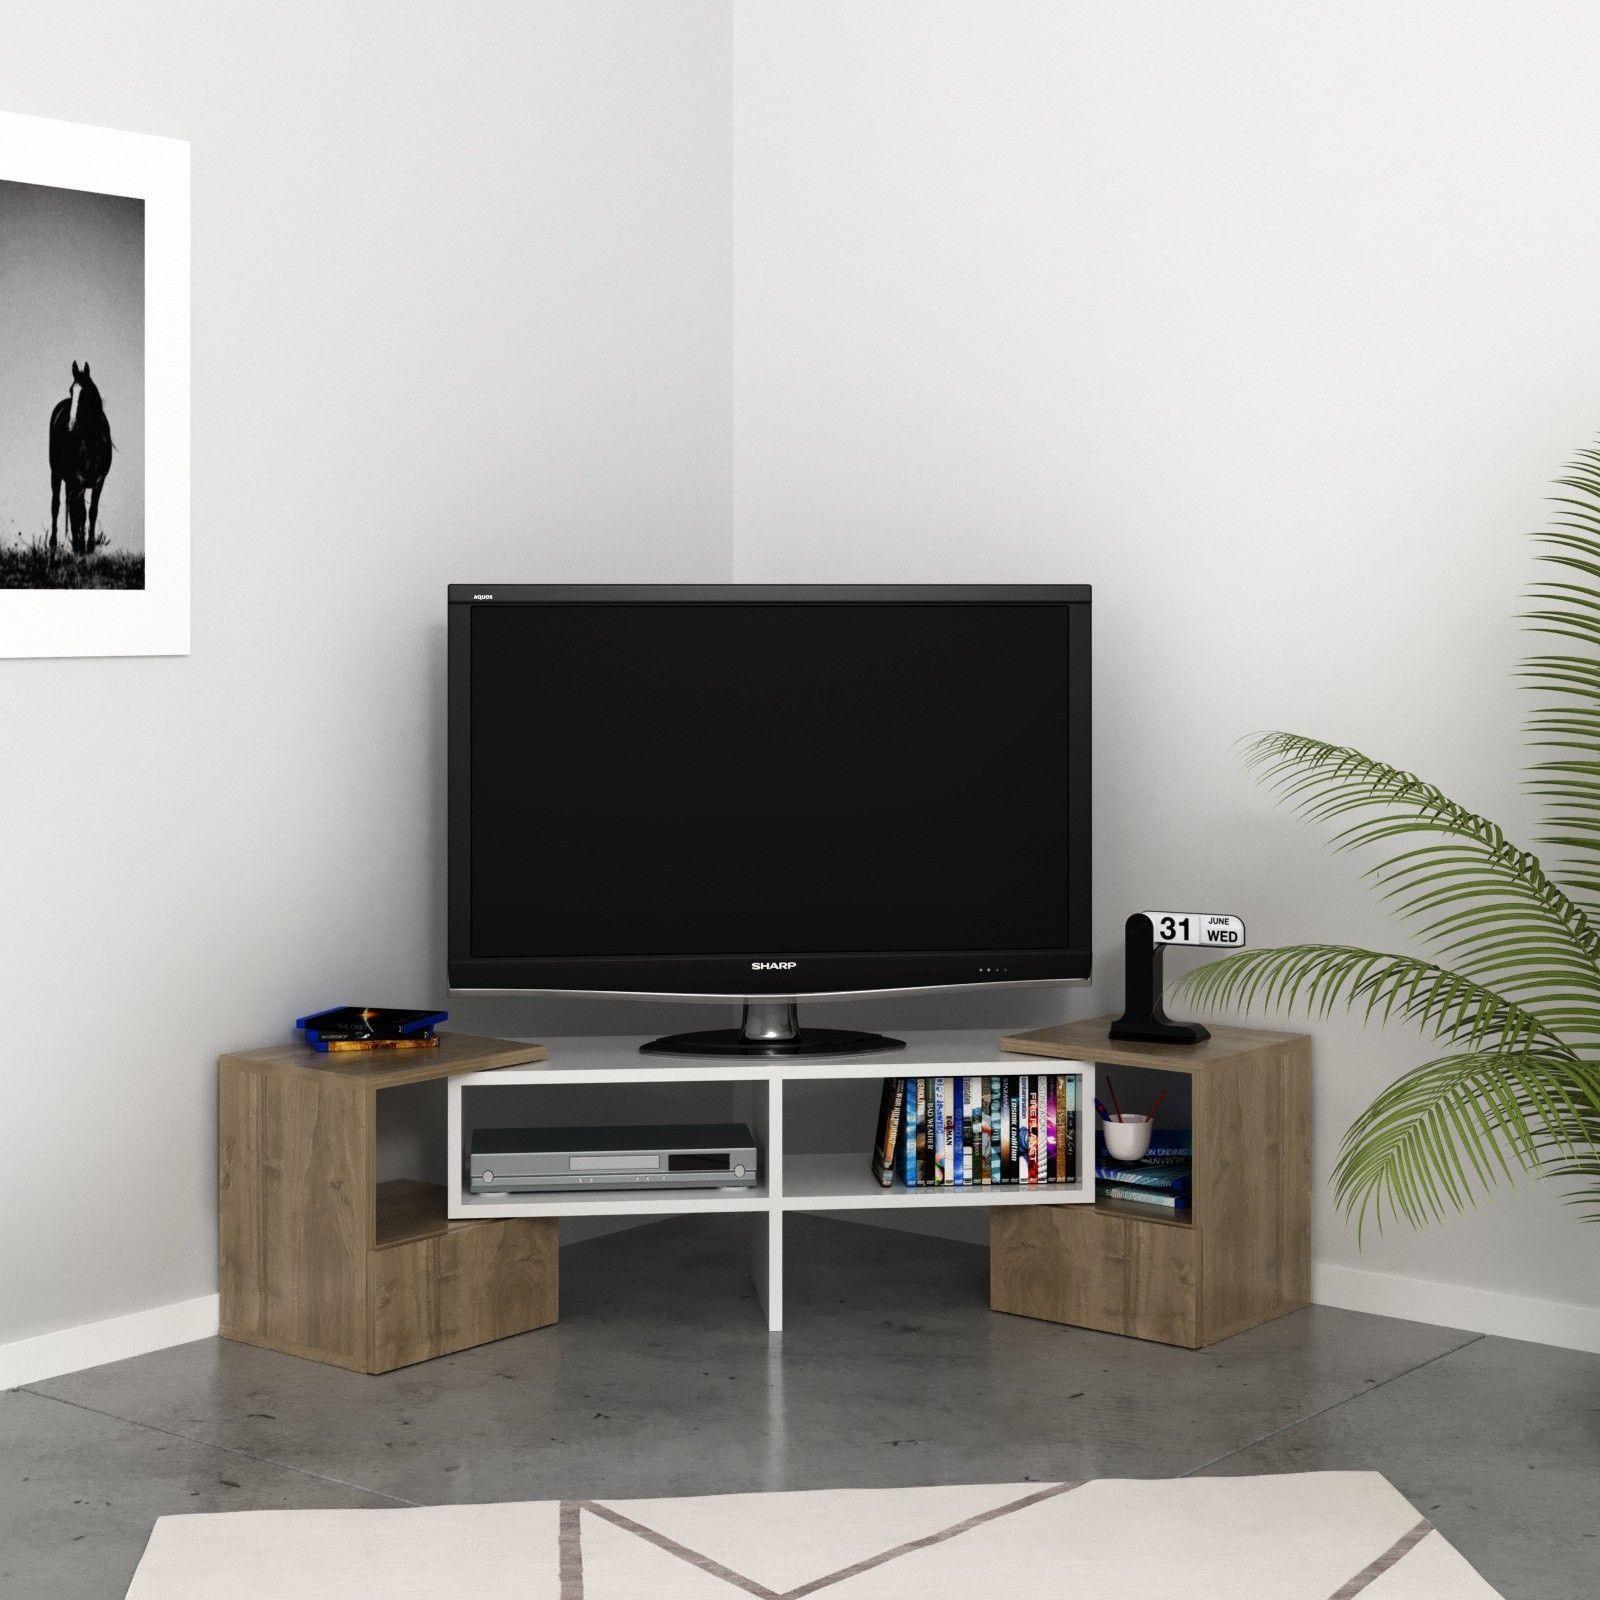 Porta Tv Angolare Moderno.Mobile Tv Angolare Design Moderno Harrison Hai Un Angolo Di